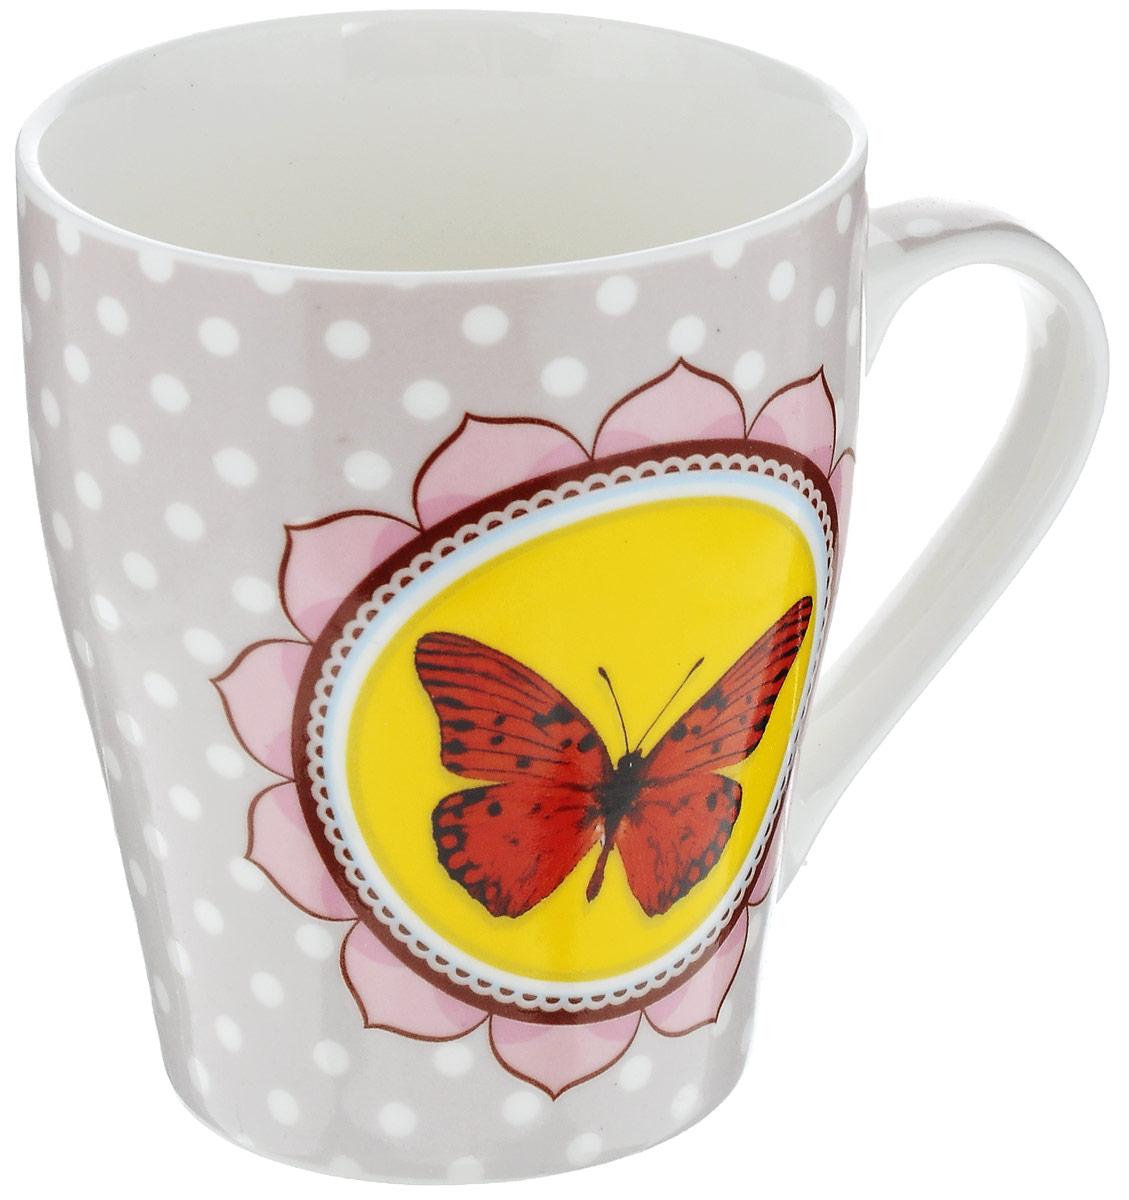 Кружка Loraine Бабочка, цвет: розовый, желтый, красный, 340 мл24453Оригинальная кружка Loraine Бабочка выполнена из высококачественного костяного фарфора и оформлена красочным рисунком. Она станет отличным дополнением к сервировке семейного стола и замечательным подарком для ваших родных и друзей. Объем кружки: 340 мл. Диаметр кружки (по верхнему краю): 8 см. Высота кружки: 10 см.